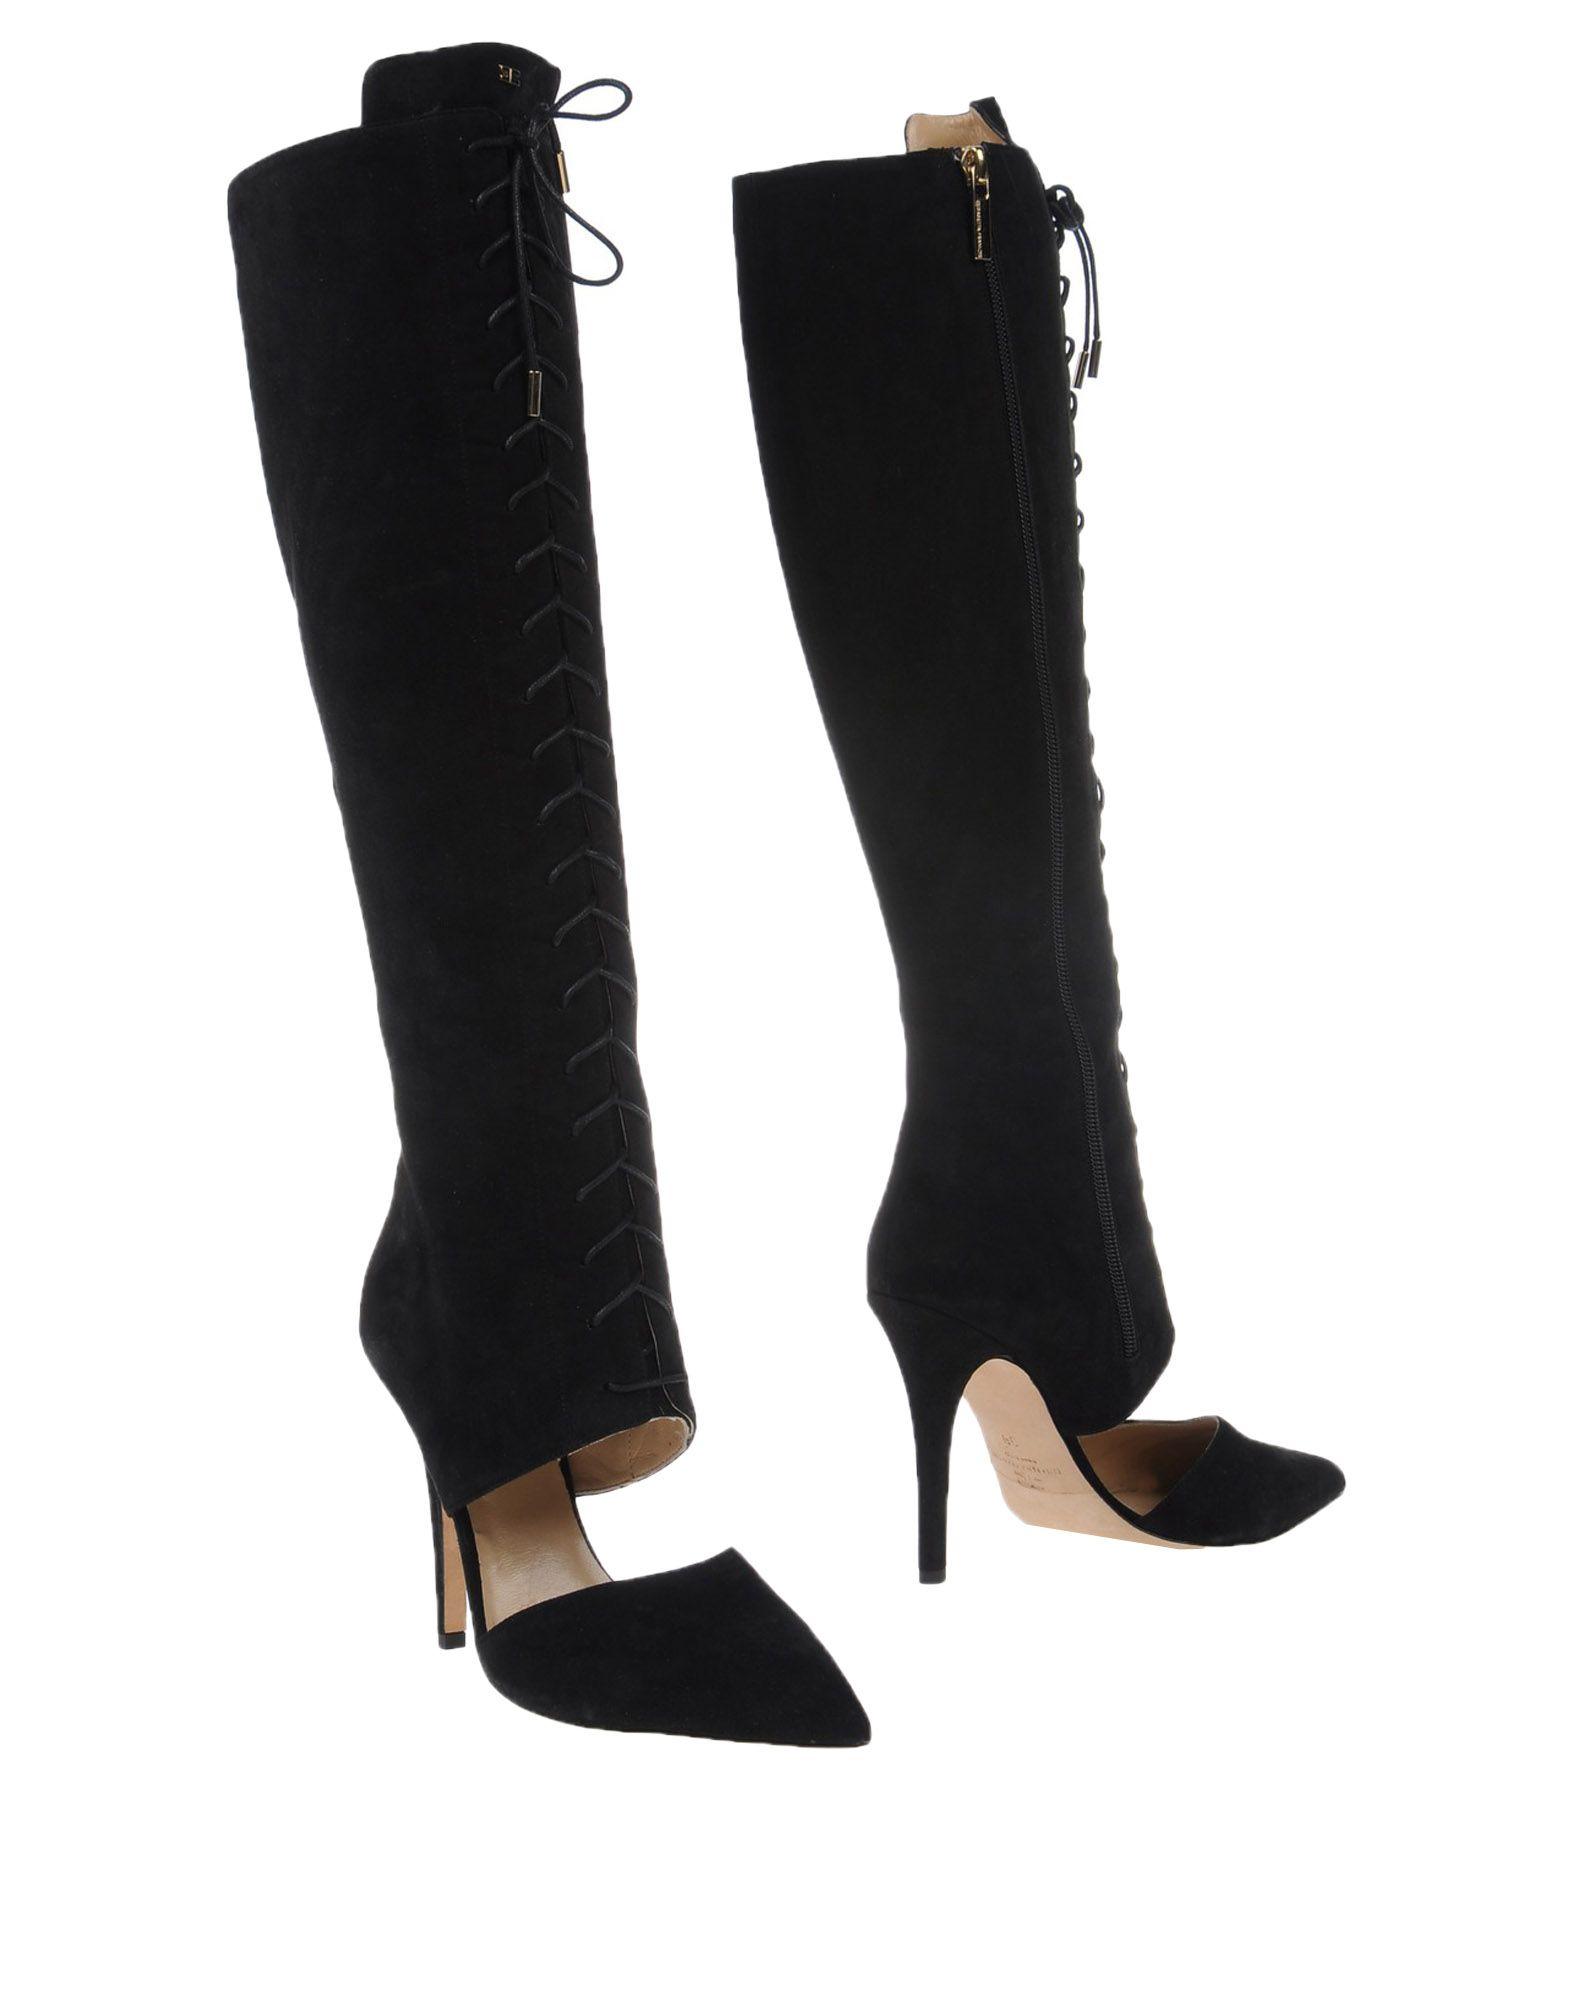 Billig-3453,Elisabetta Franchi Stiefel es Damen Gutes Preis-Leistungs-Verhältnis, es Stiefel lohnt sich 7cb7d6